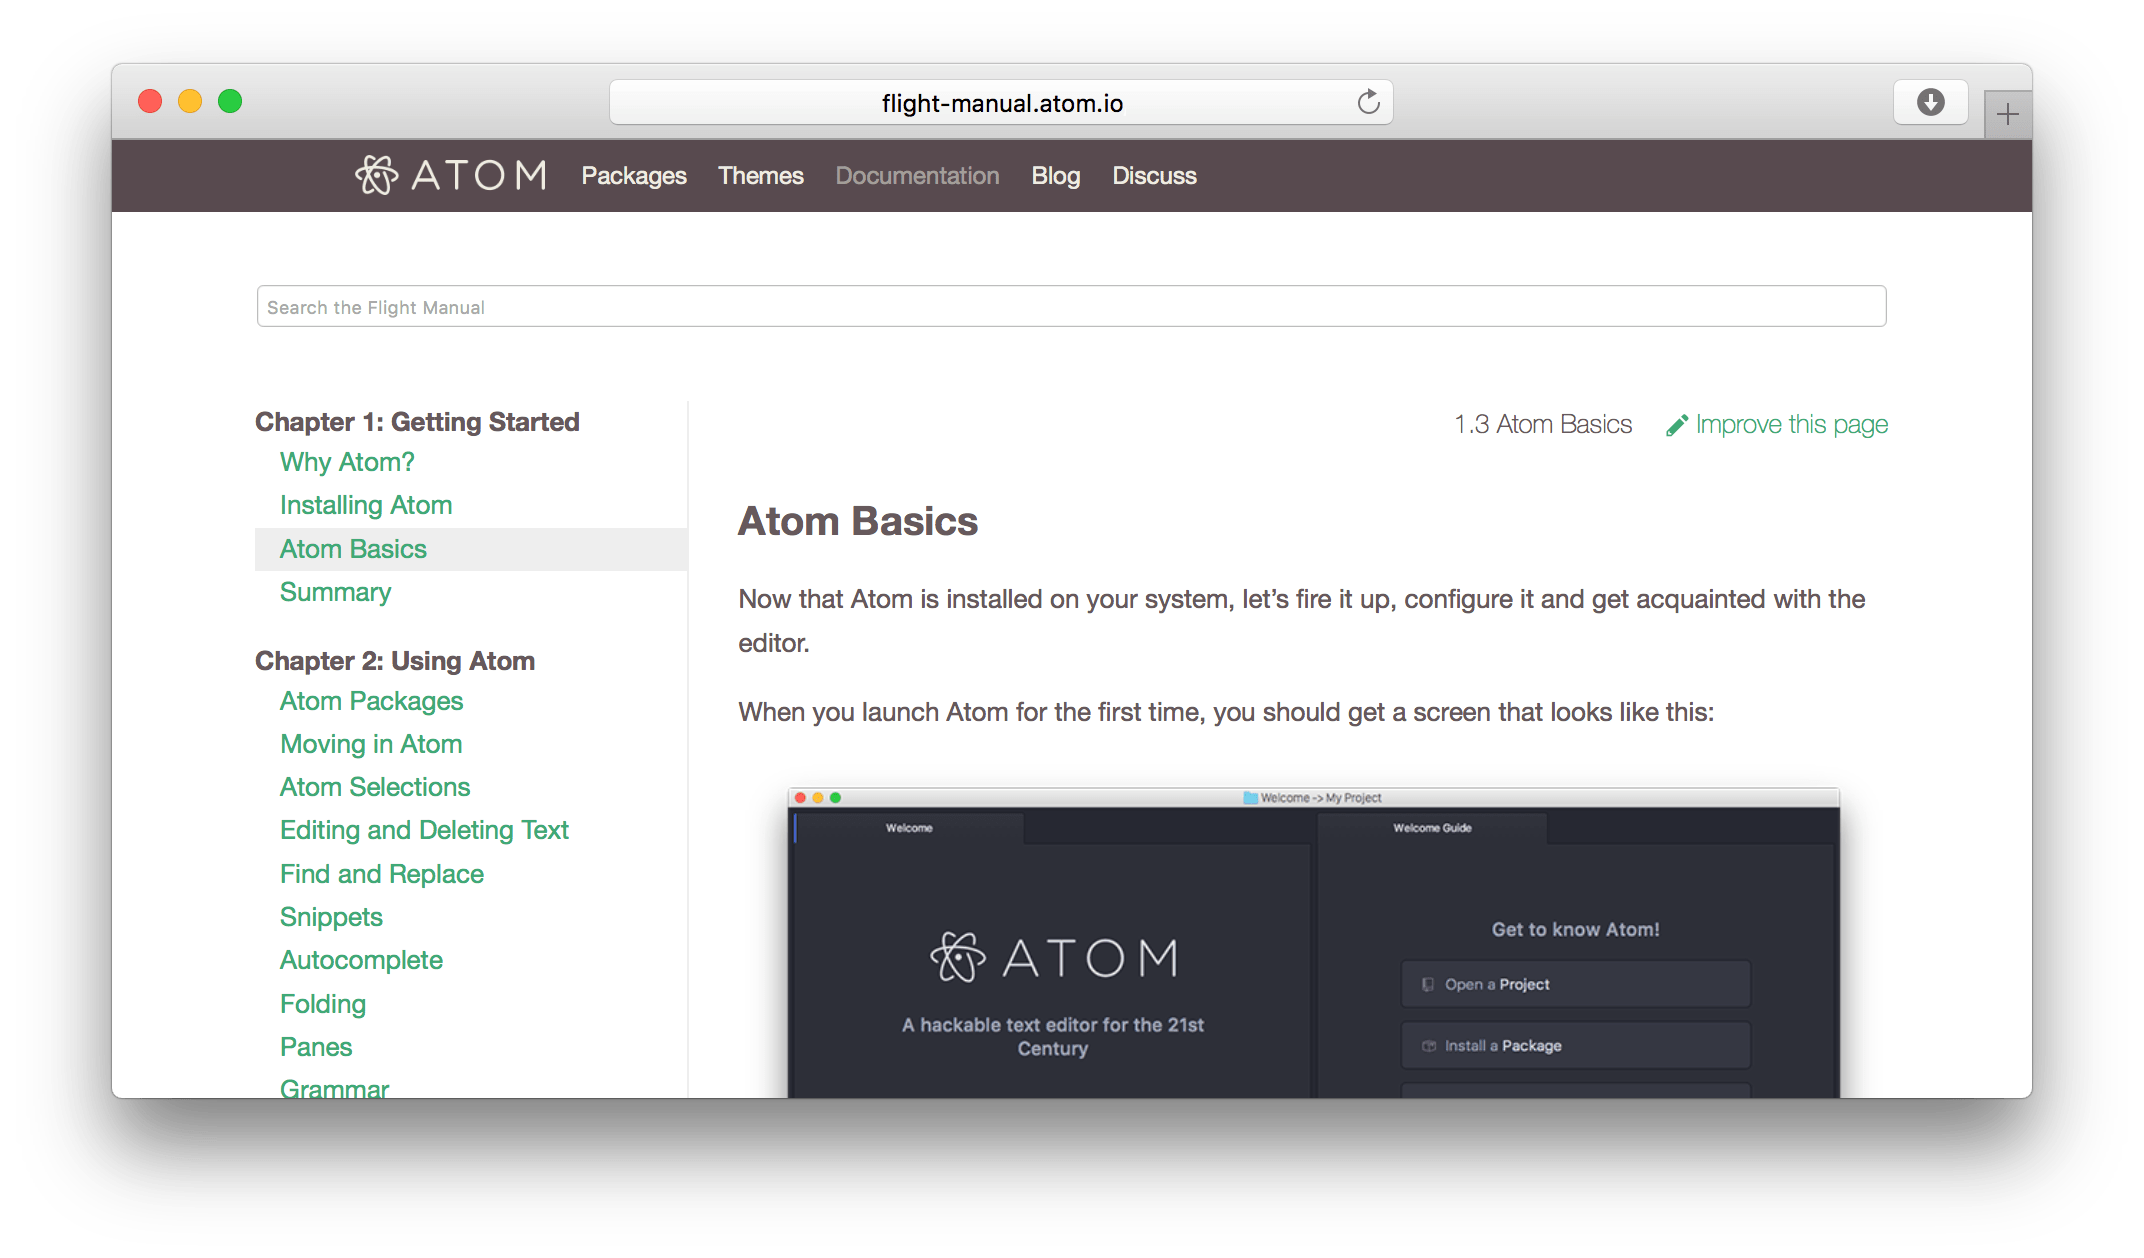 Atom flight manual site screenshot